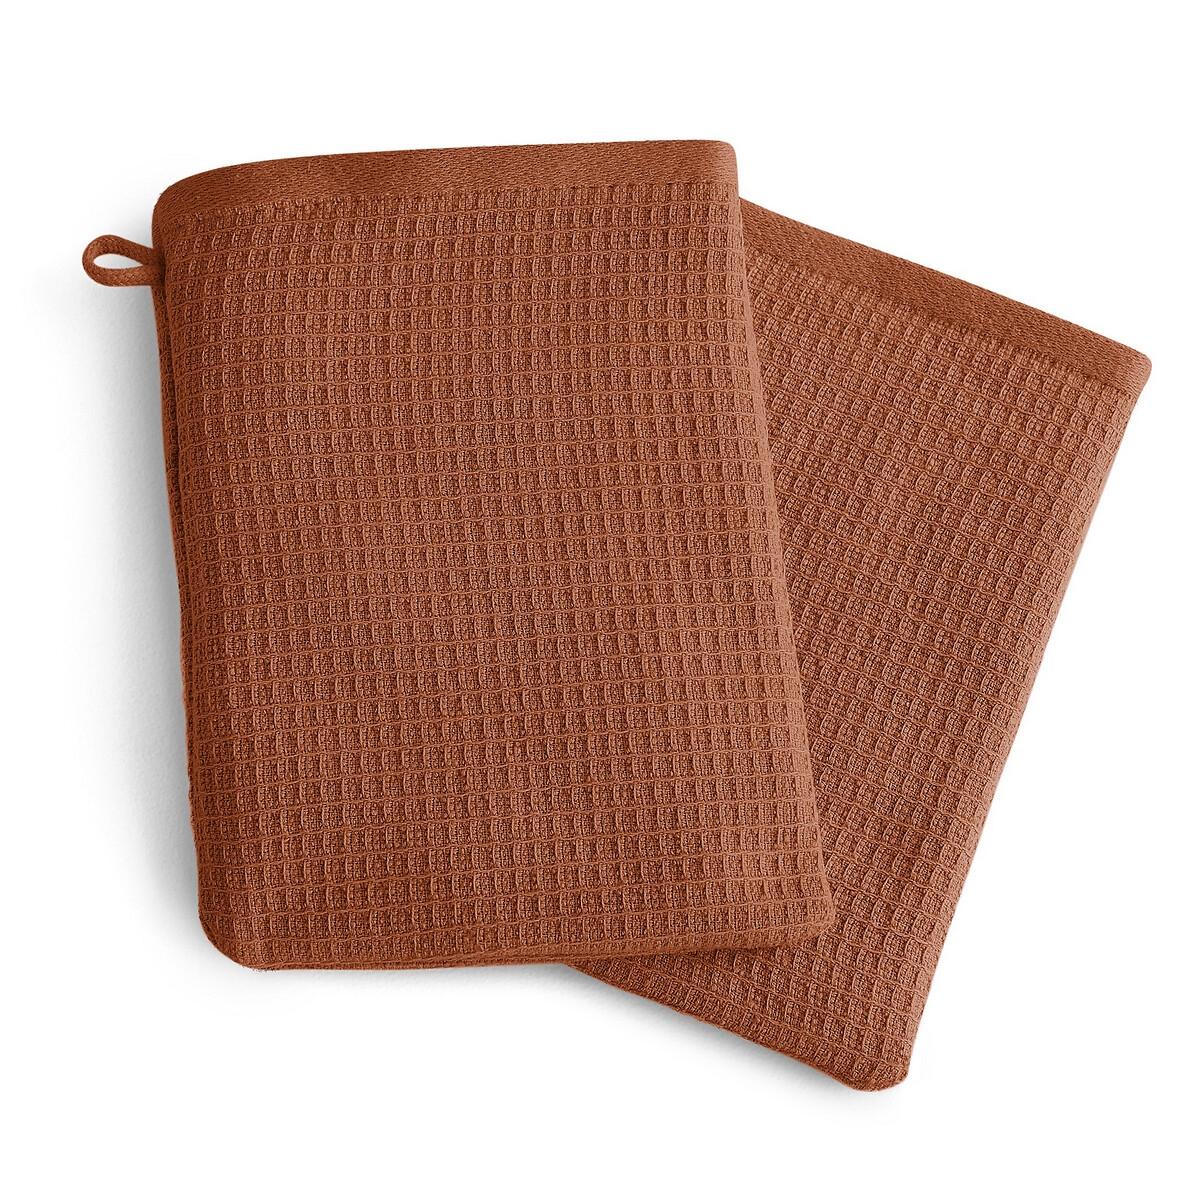 Комплект из банных рукавичек La Redoute Из хлопка и льна Nipaly 15 x 21 см каштановый